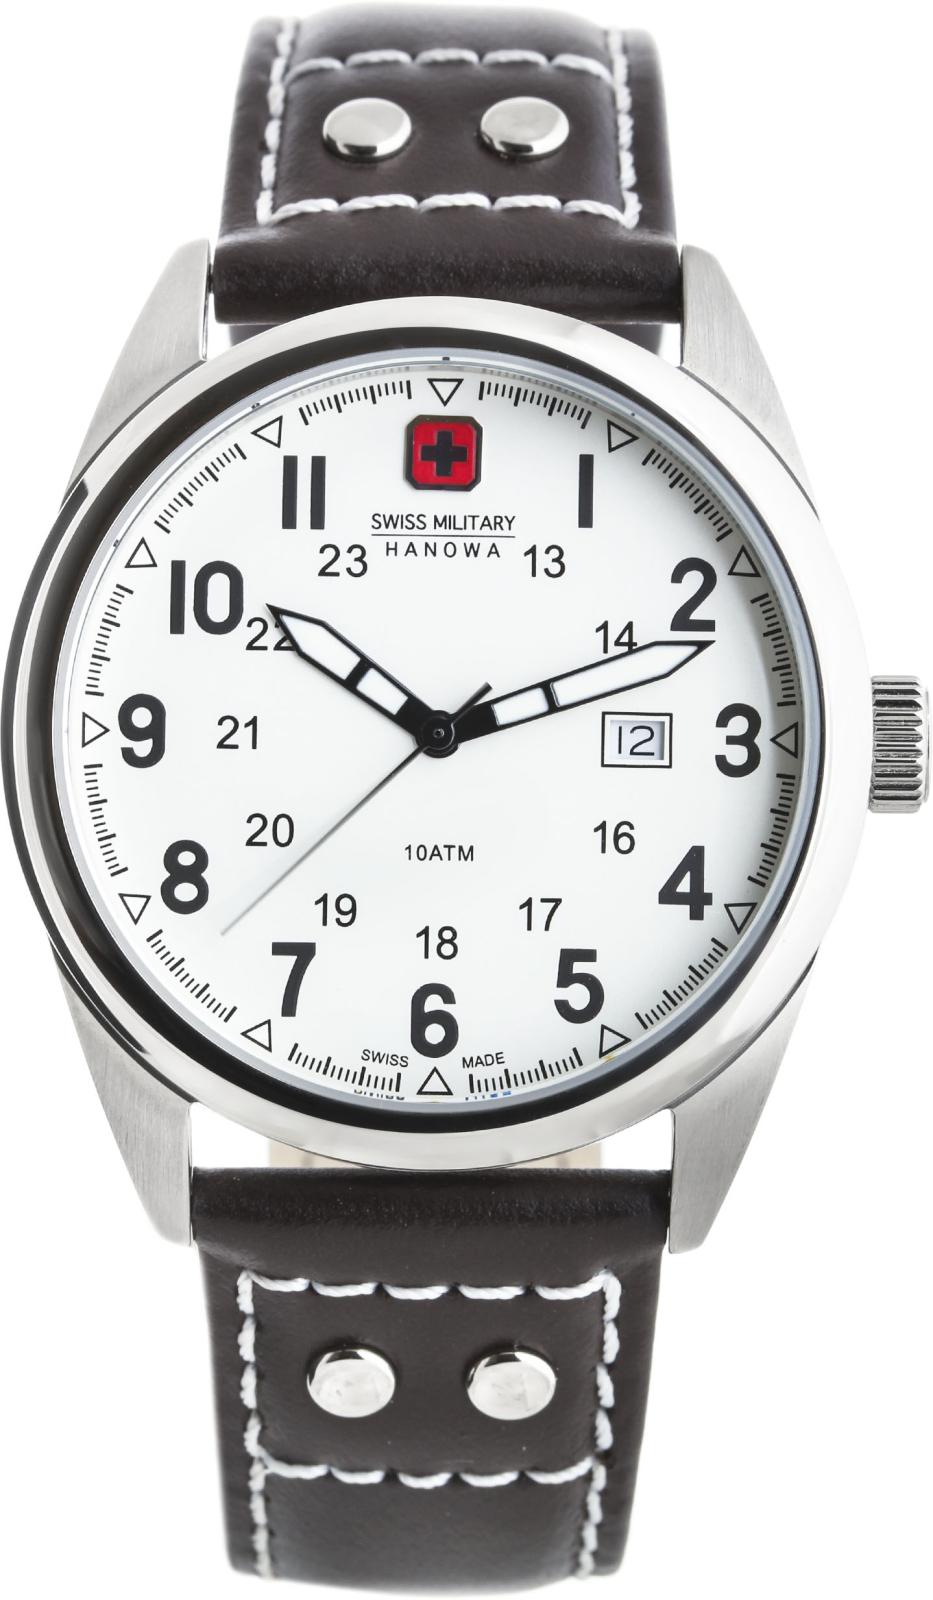 Hanowa Swiss Military Sergeant 06-4181.04.001Наручные часы<br>Швейцарские часы Hanowa Swiss Military Sergeant 06-4181.04.001Часы принадежат коллекции Sergeant. Это великолепные Мужские часы. Материал корпуса часов — Сталь. Ремень — Кожа. Стекло - Минеральное. Водозащита - 100 м.<br><br>Пол: Мужские<br>Страна-производитель: Швейцария<br>Механизм: Кварцевый<br>Материал корпуса: Сталь<br>Материал ремня/браслета: Кожа<br>Водозащита, диапазон: 100 - 150 м<br>Стекло: Минеральное<br>Толщина корпуса: None<br>Стиль: None